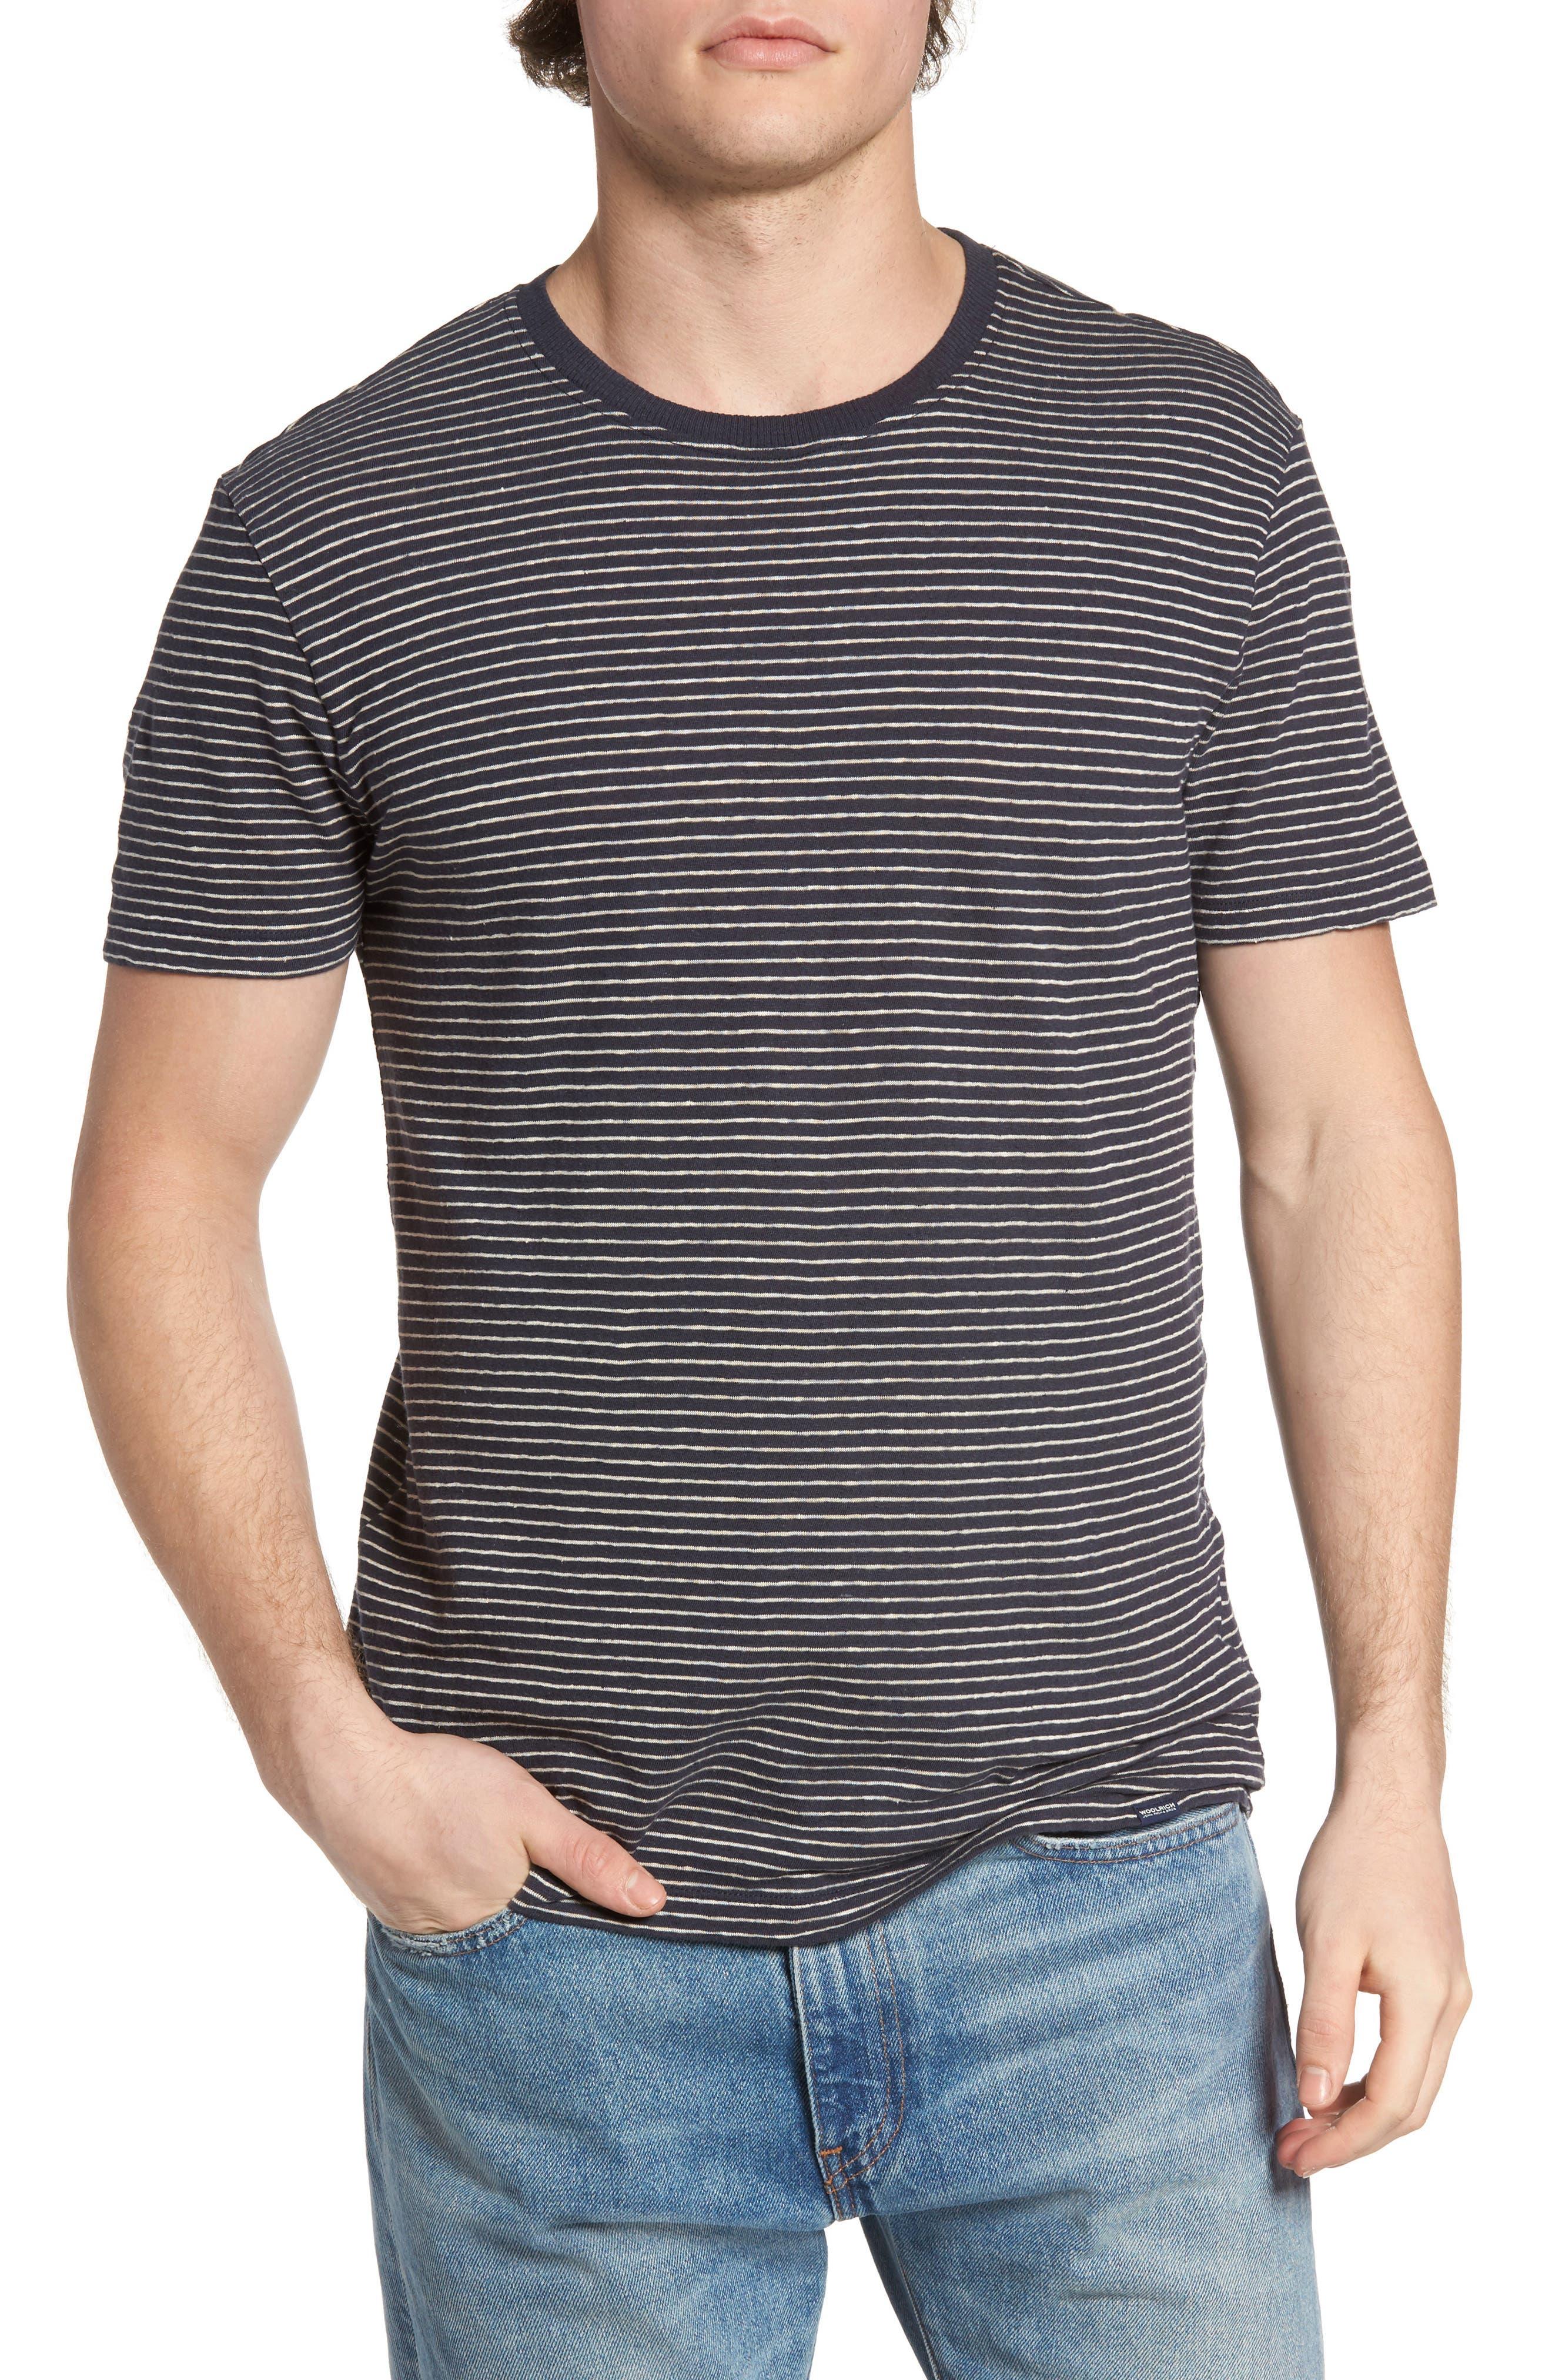 Woolrich John Rich Stripe Cotton & Linen T-Shirt